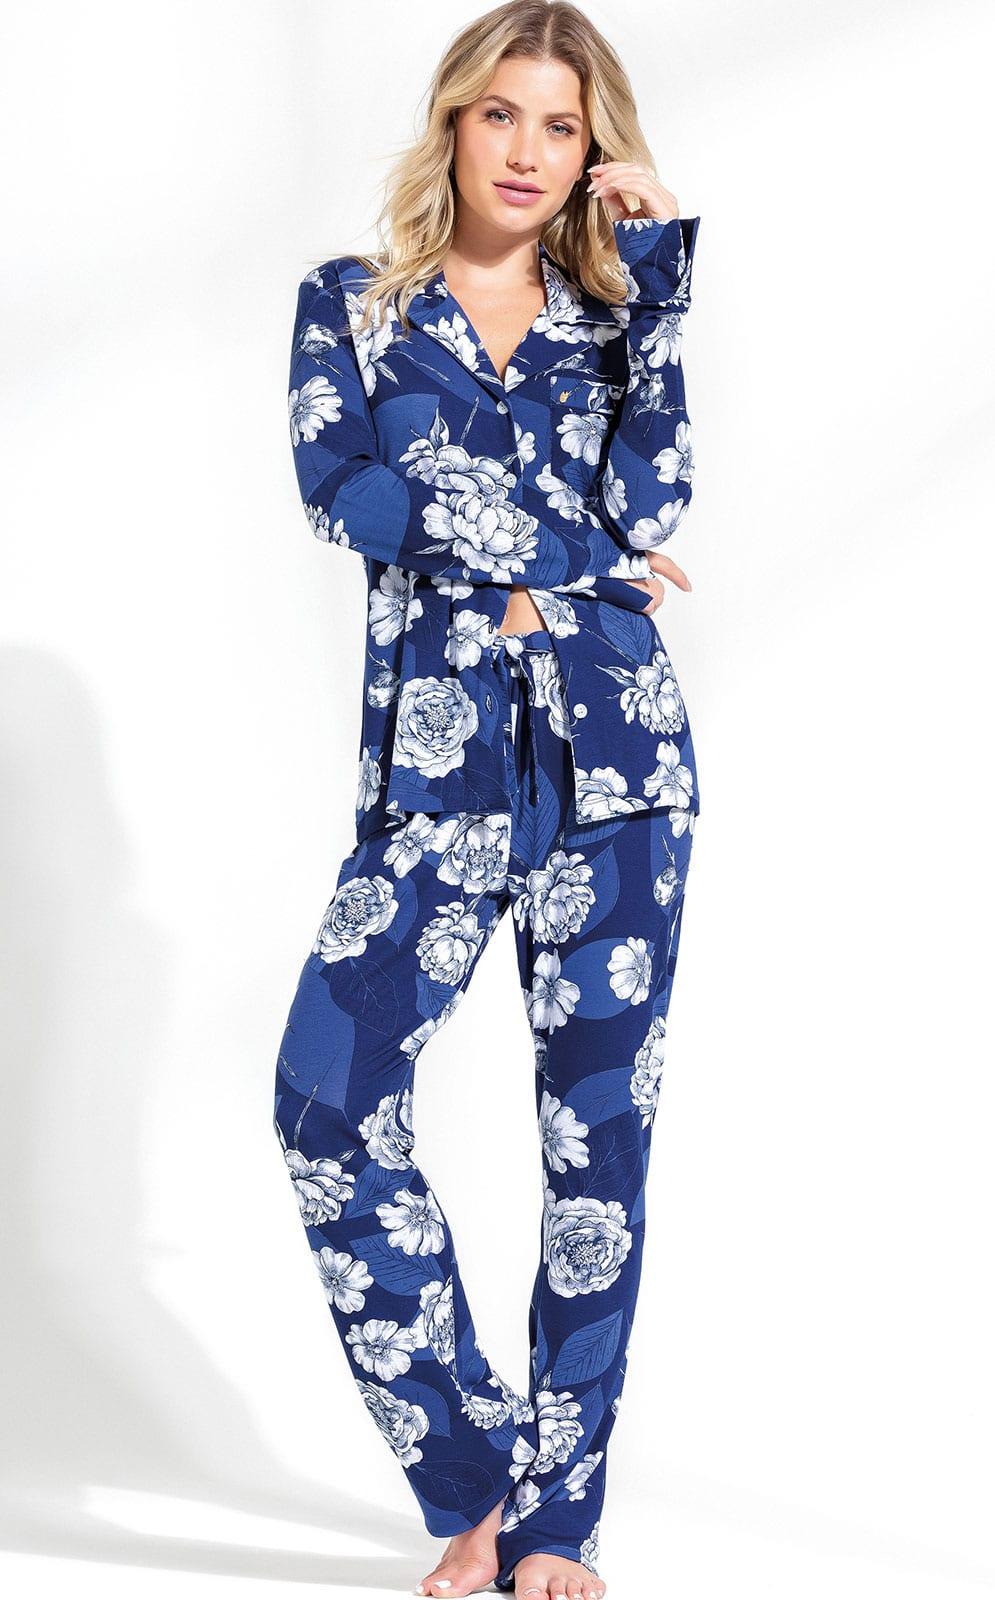 Pijama Feminino Mixte Manga Longa Aberto com Calça Azul Floral em Modal 9600